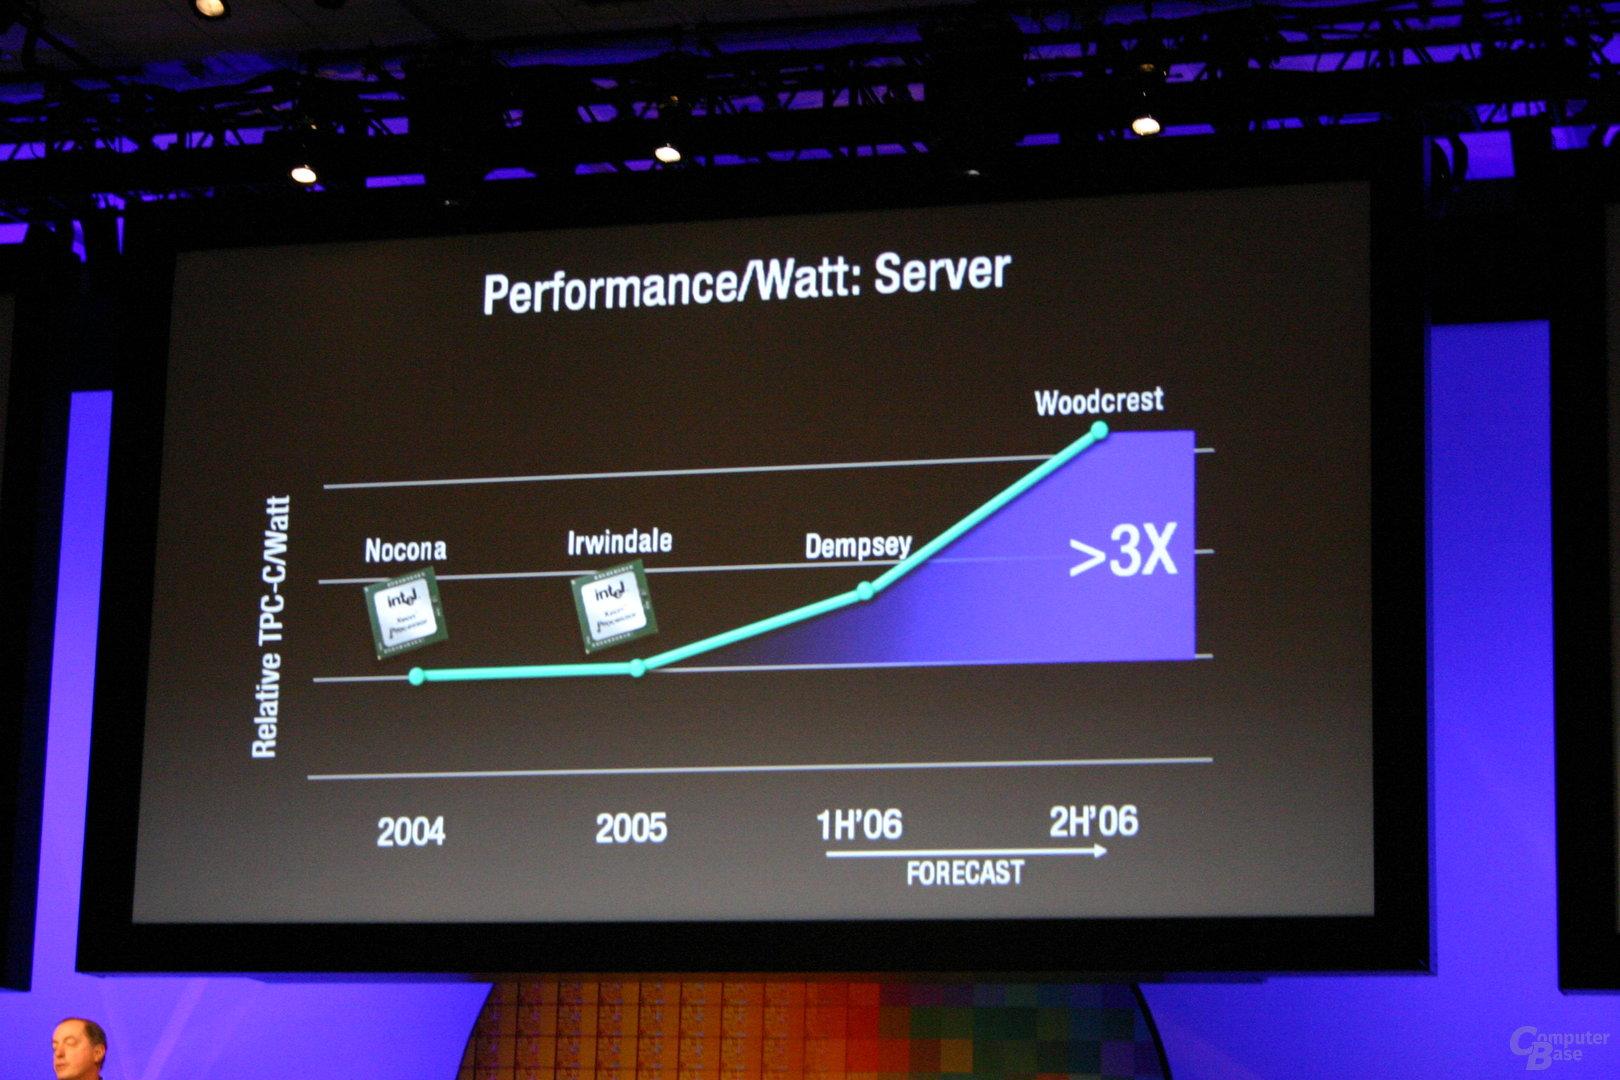 Mit Woodcrest hält die Pentium M-Idee auch bei Servern Einzug